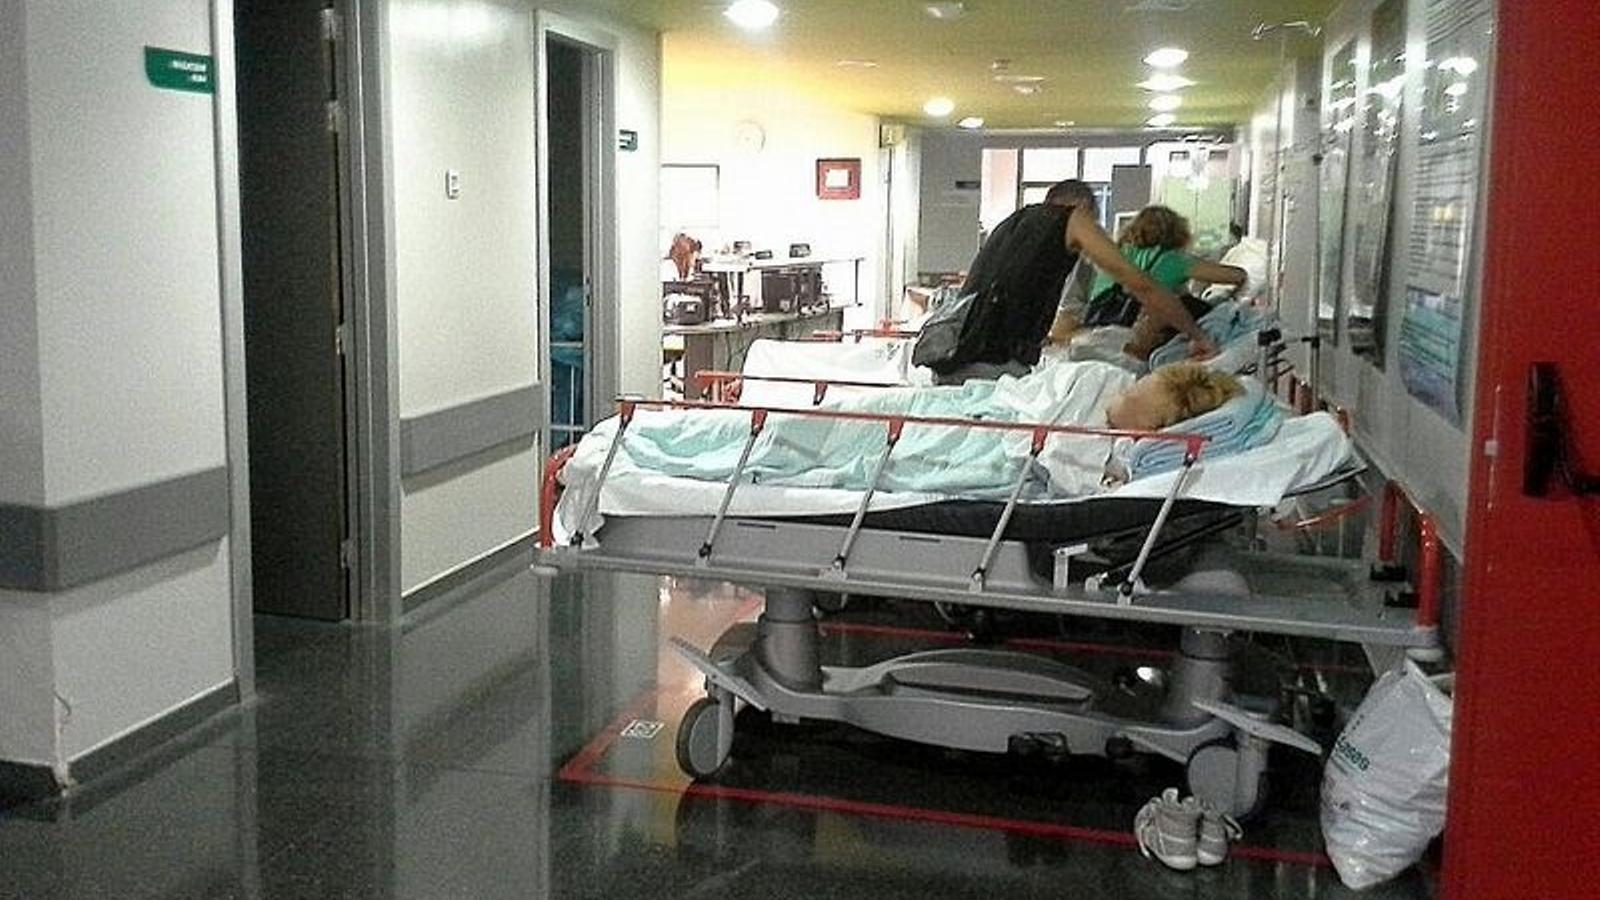 Els pacients s'amunteguen als passadissos de Son Espases. Foto: SATSE.